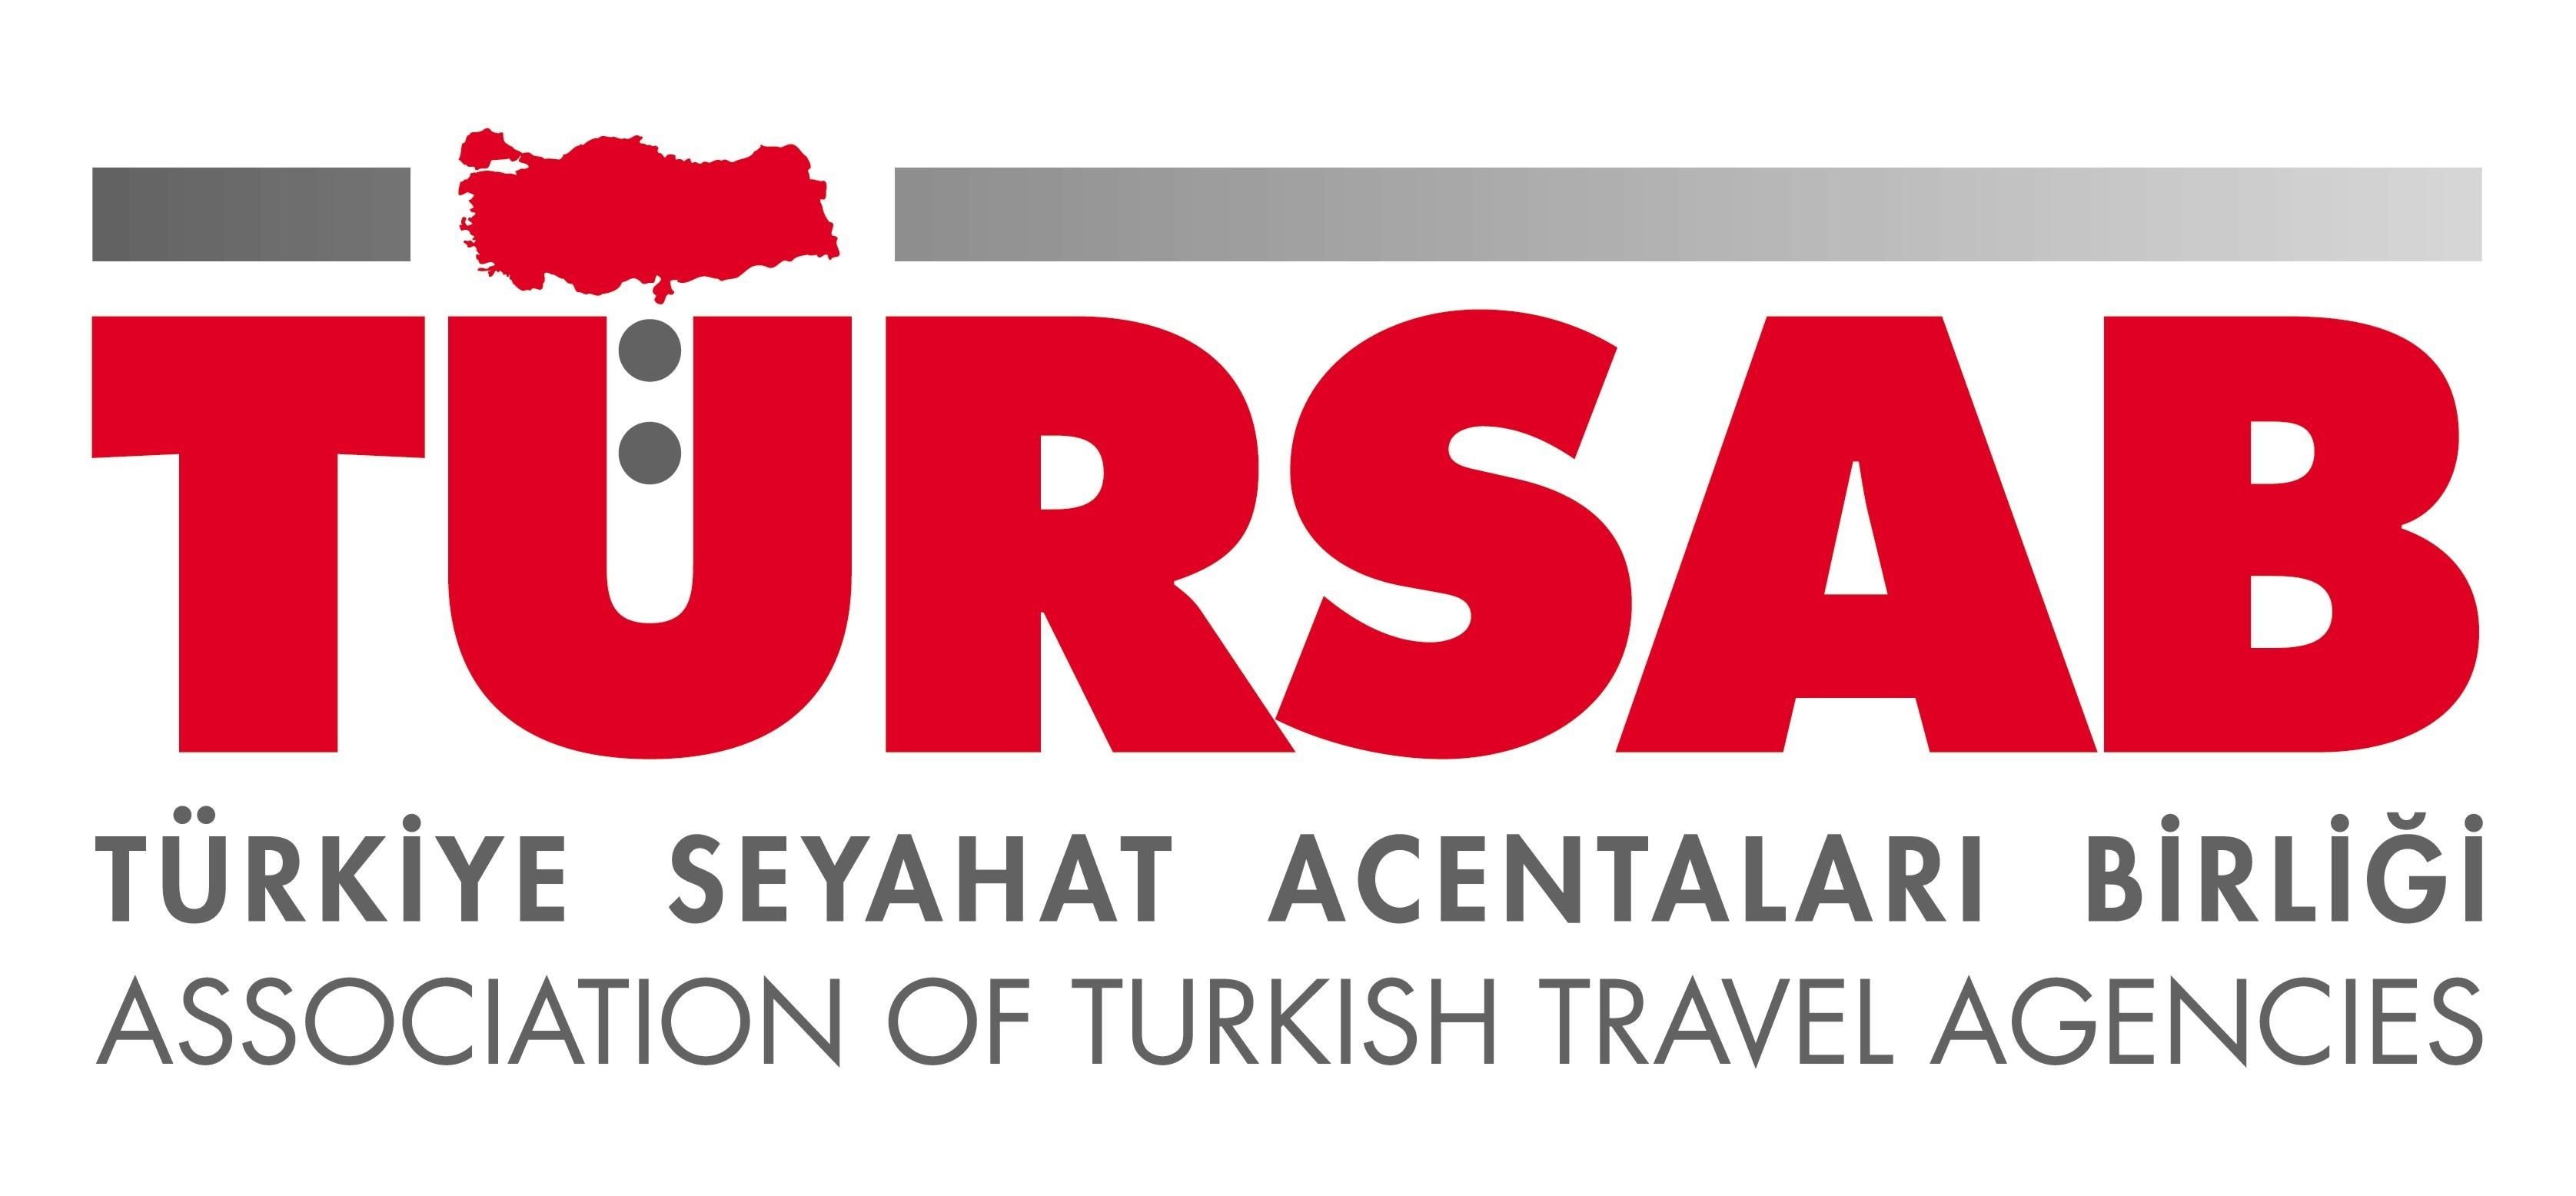 Türkiye Seyahat Acent. Birliği